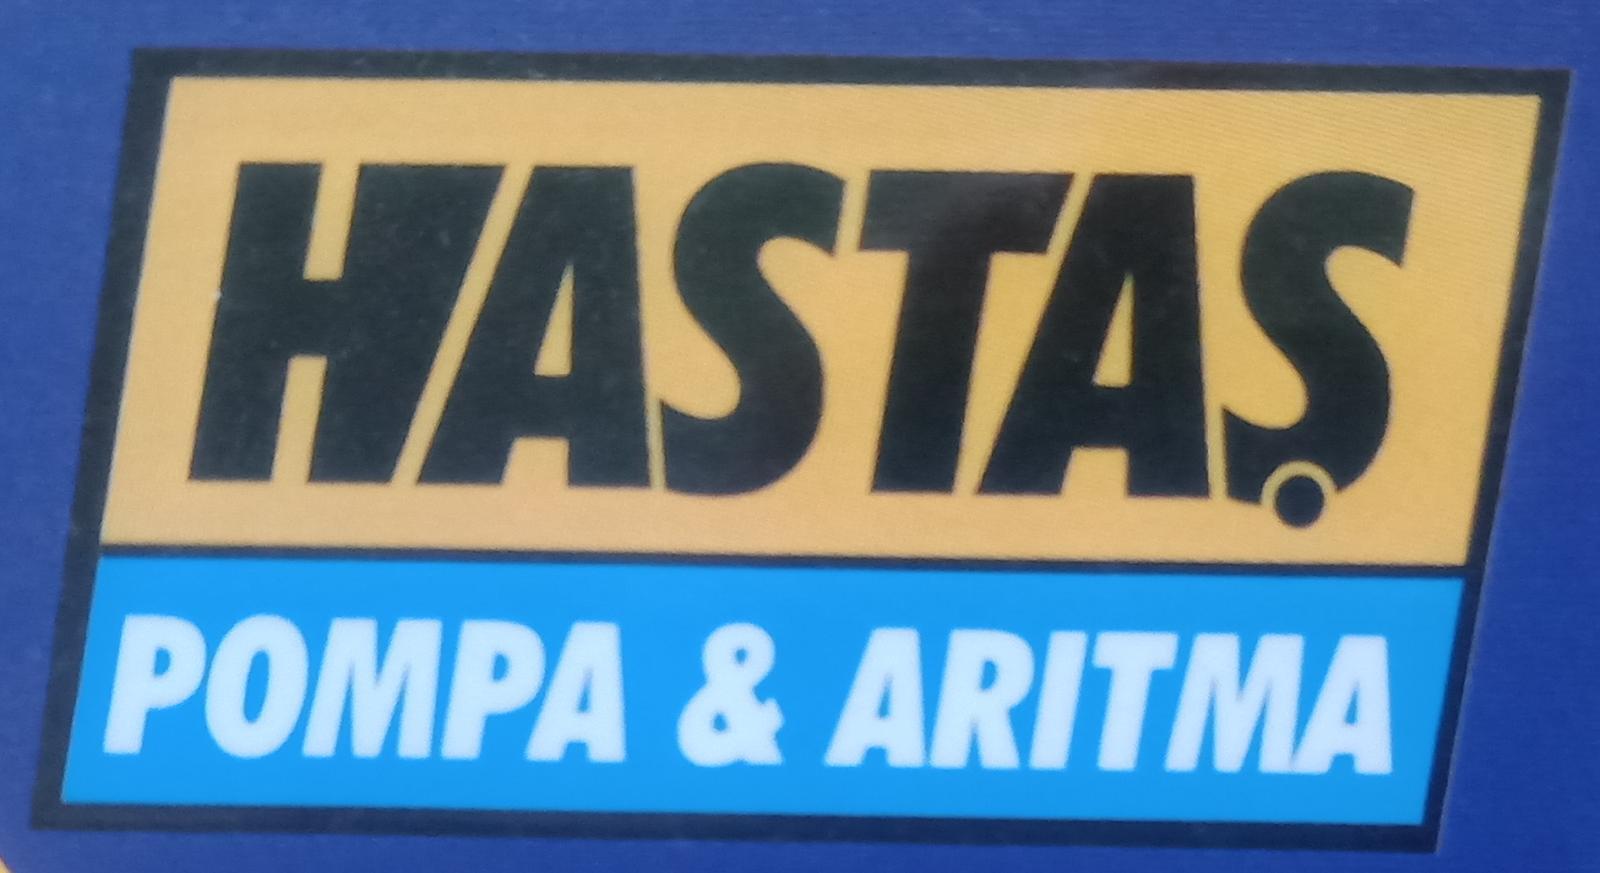 HASTAŞ POMPA & ARITMA logo